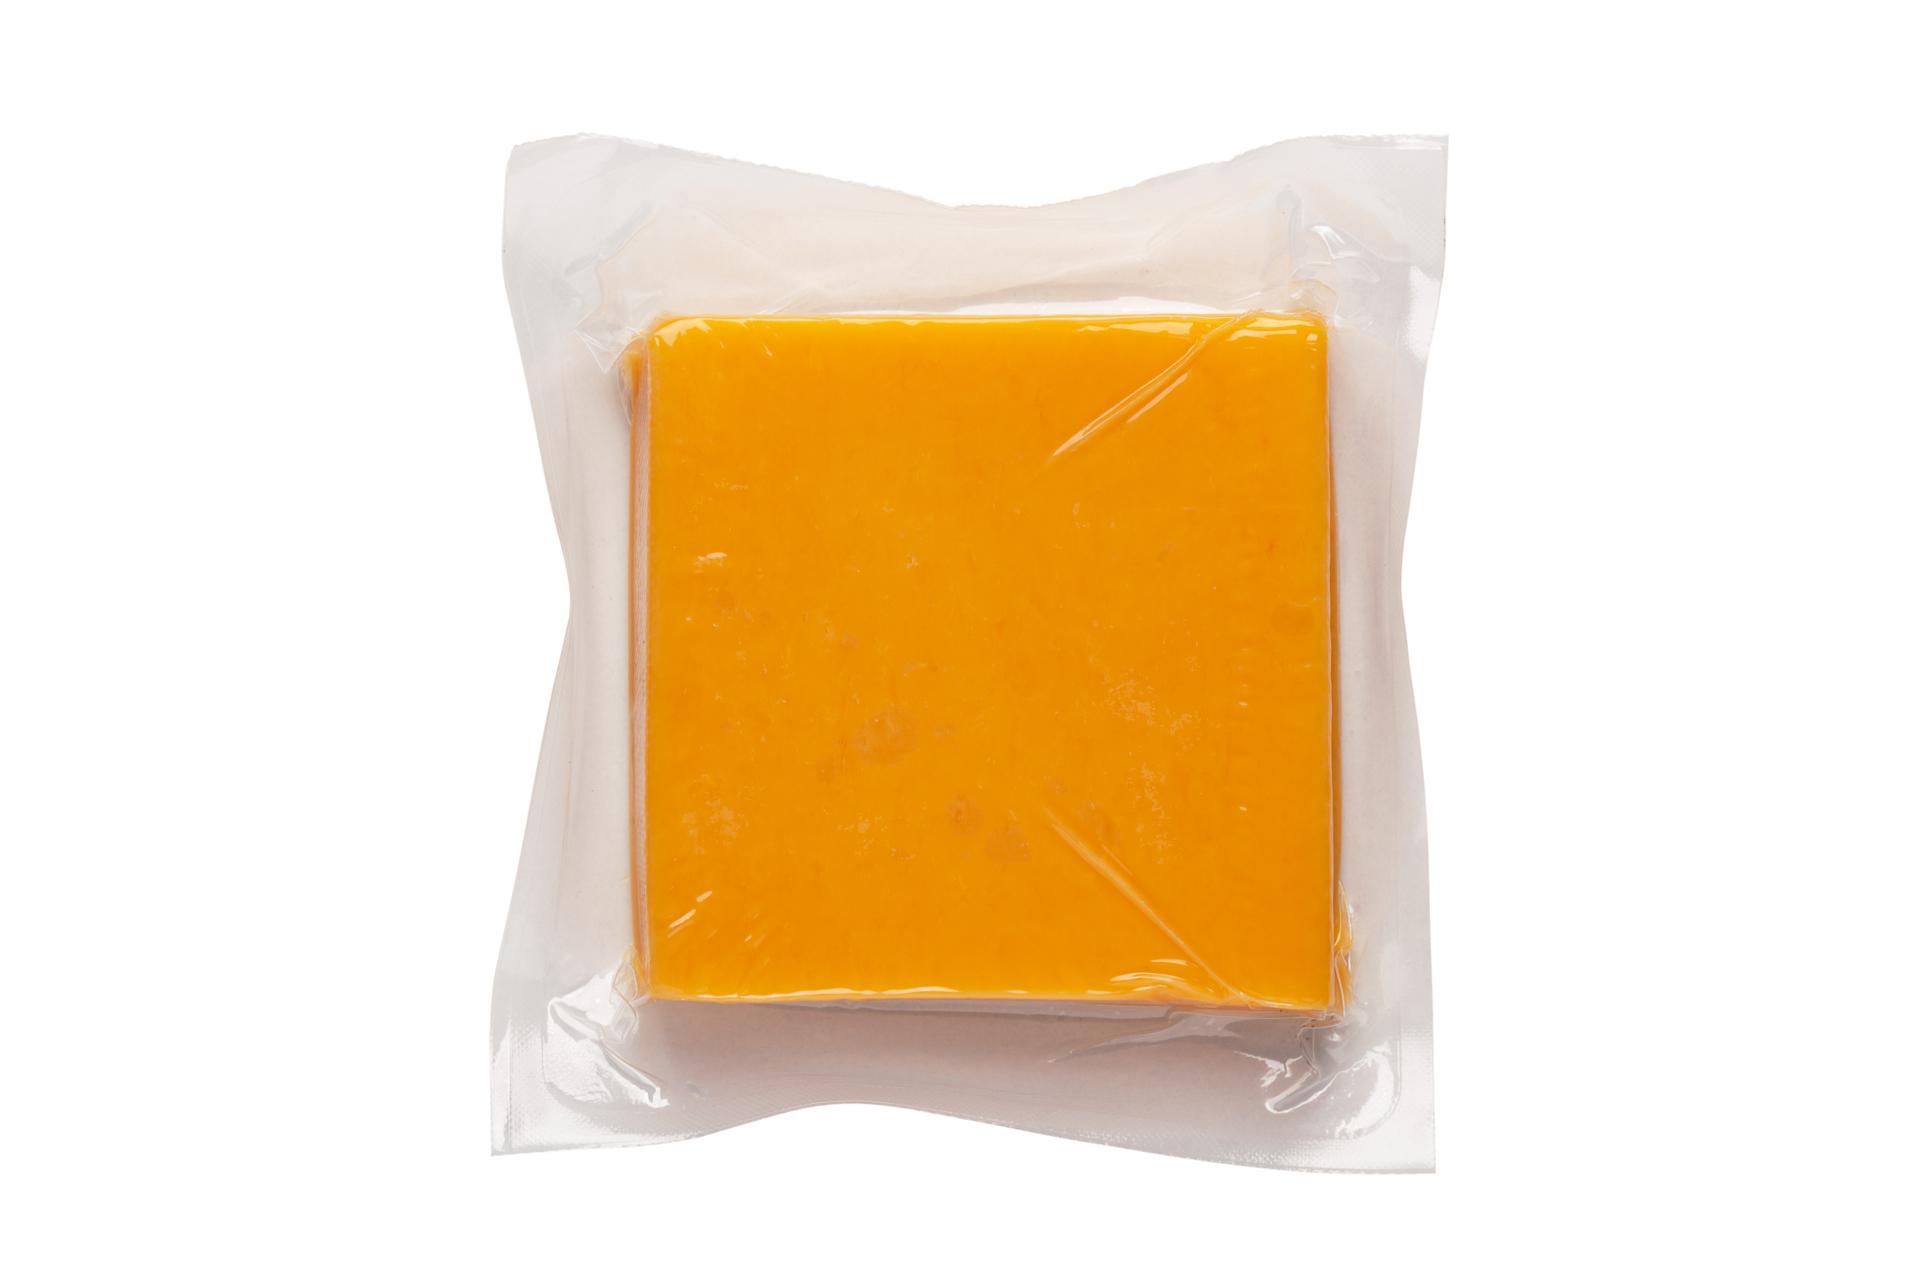 kaas in verpakking